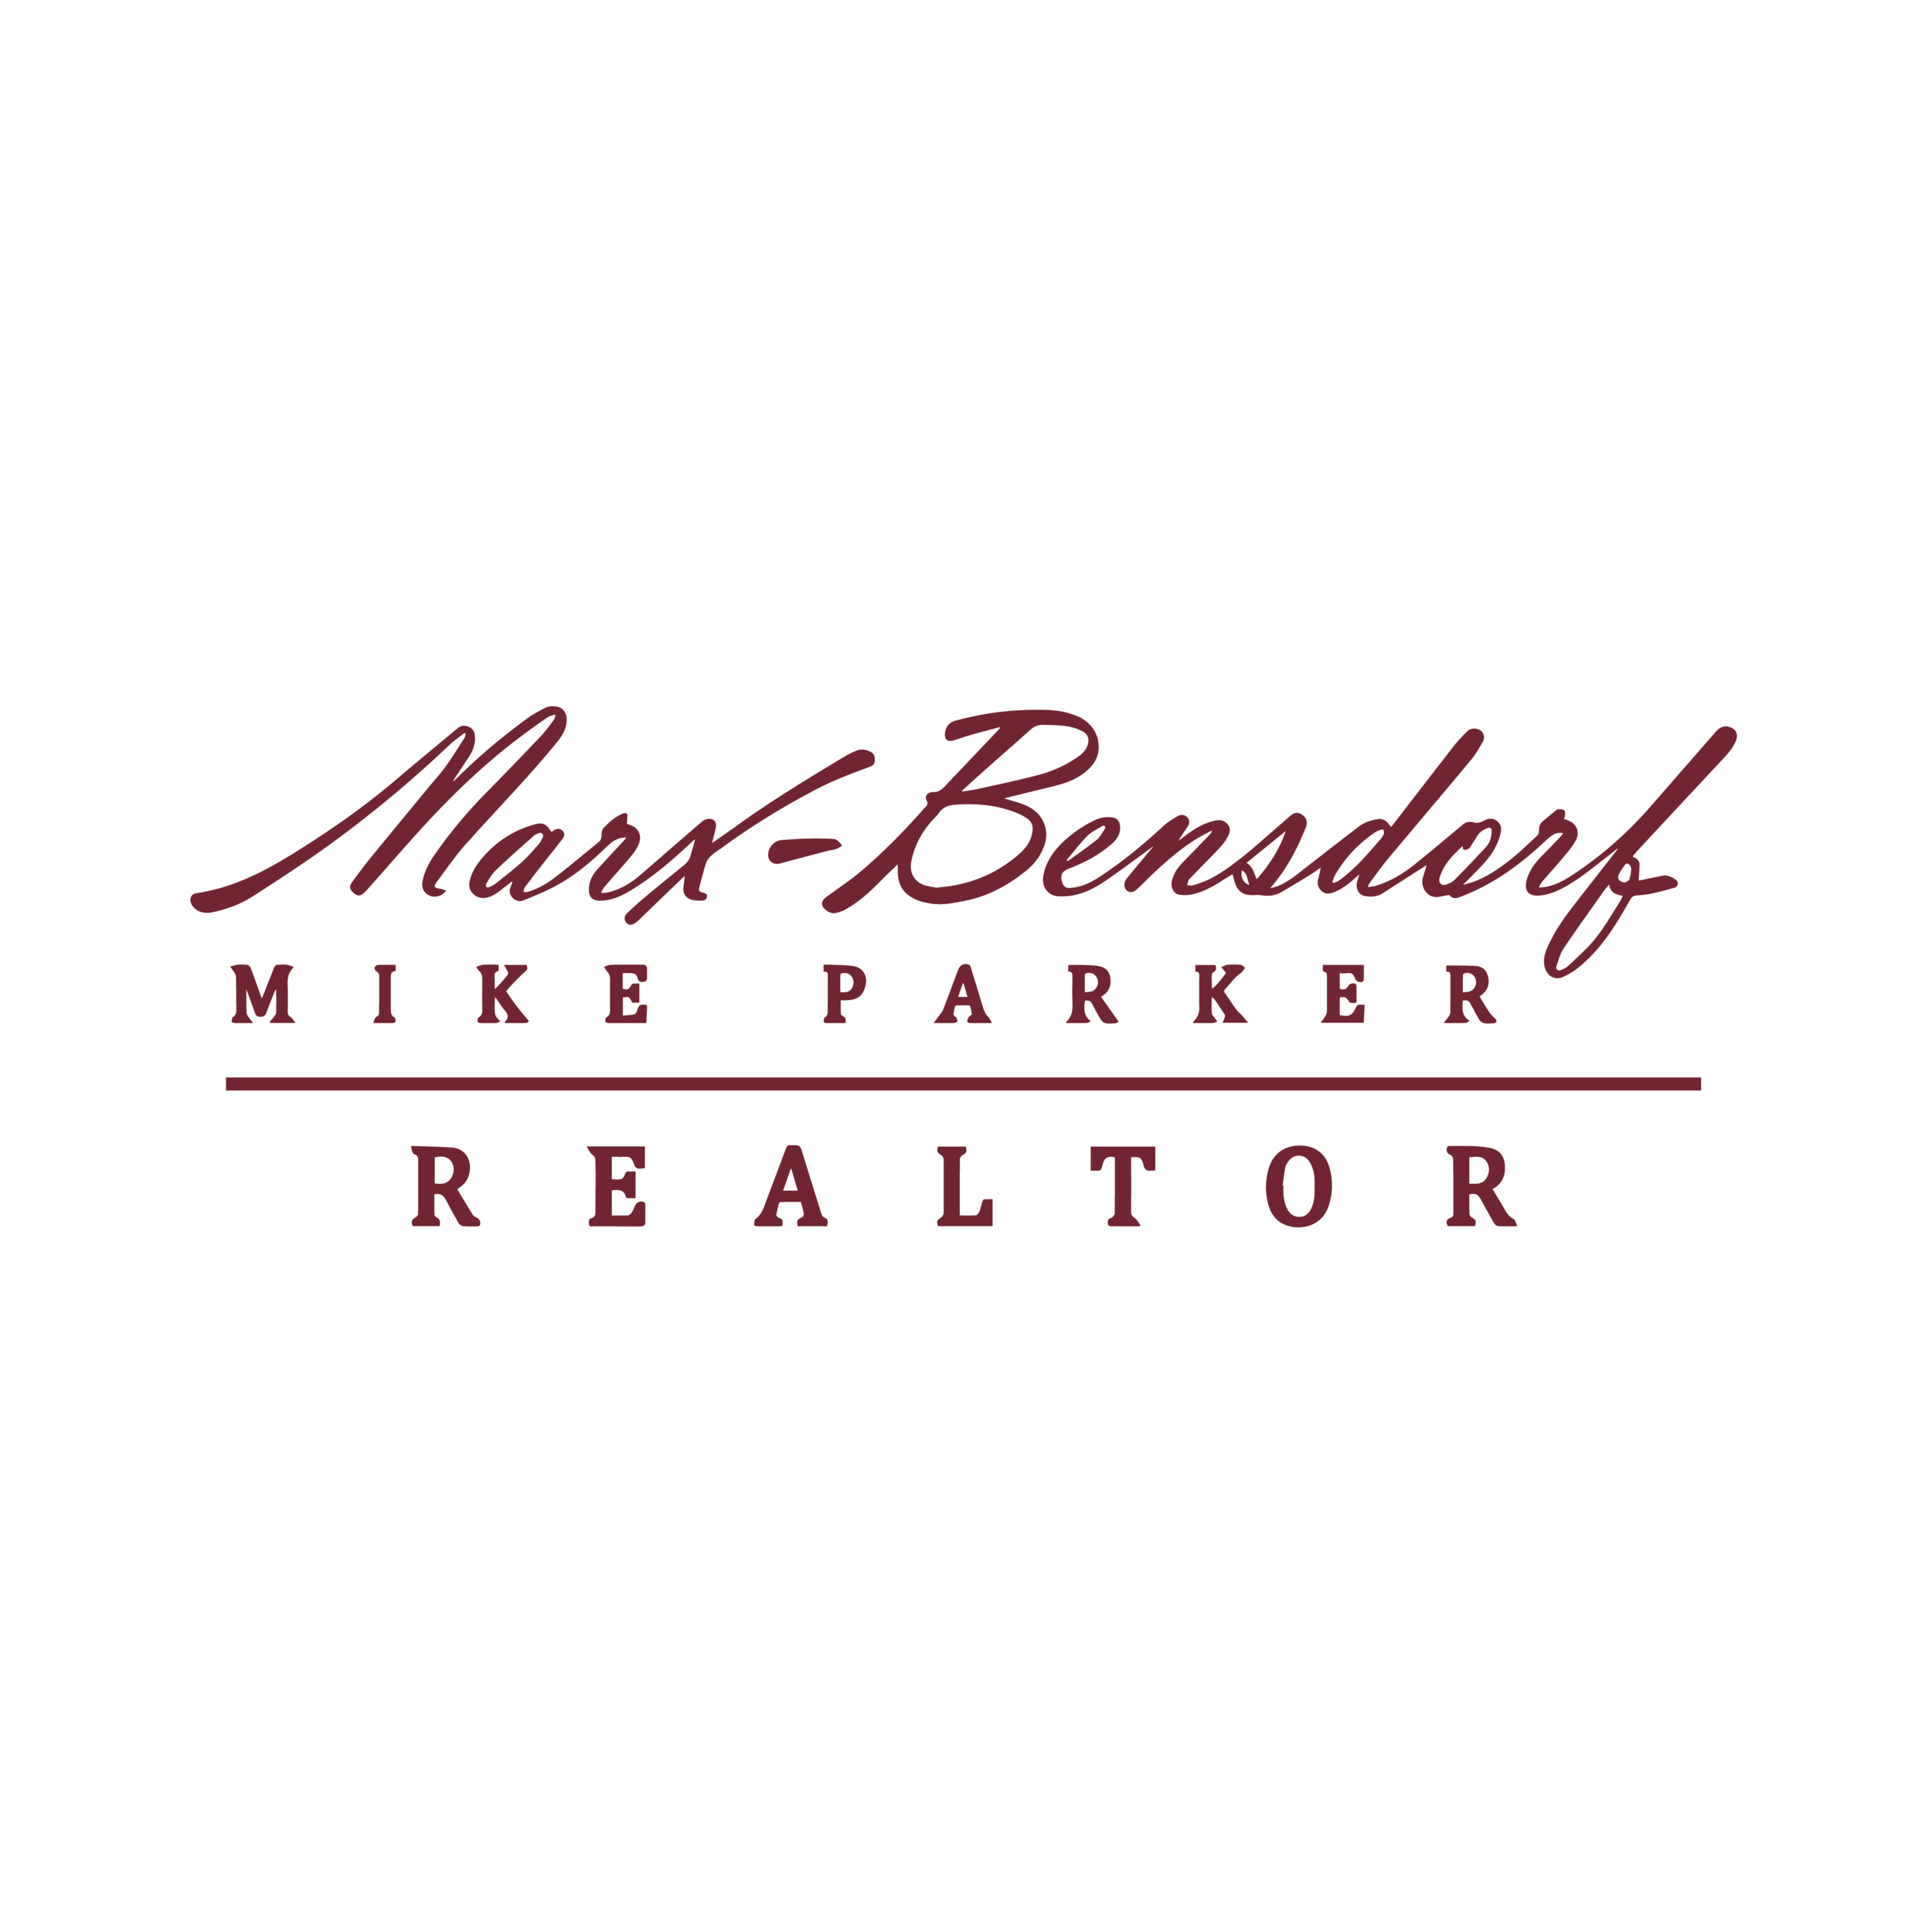 Mike Parker Logo.png